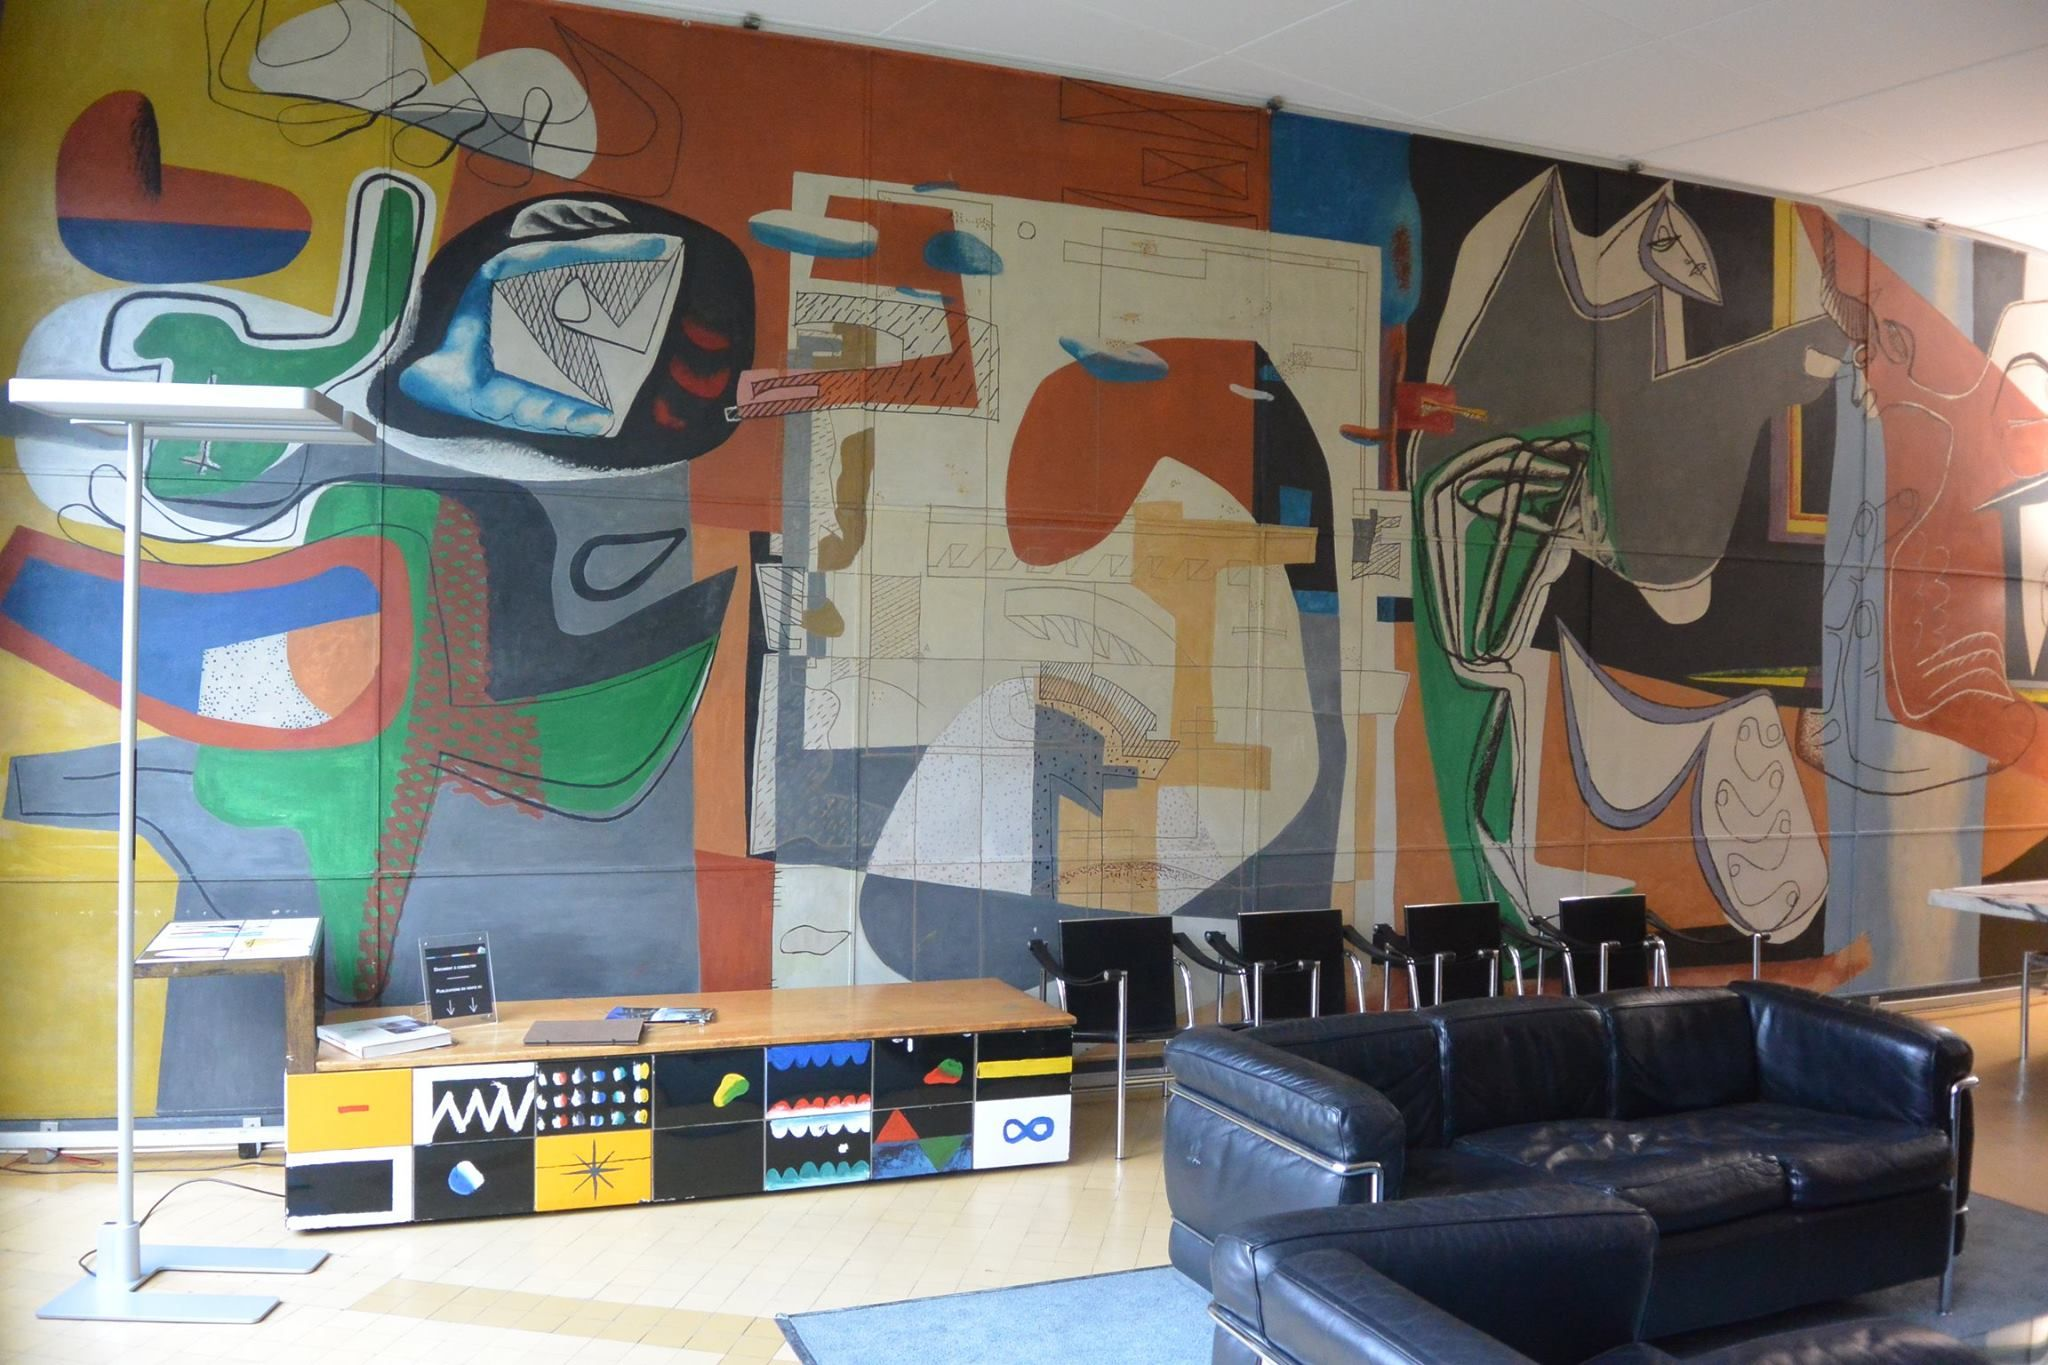 Mural courbe de la Fondation suisse / Pavillon Le Corbusier - CIUP © FLC/ADAGP